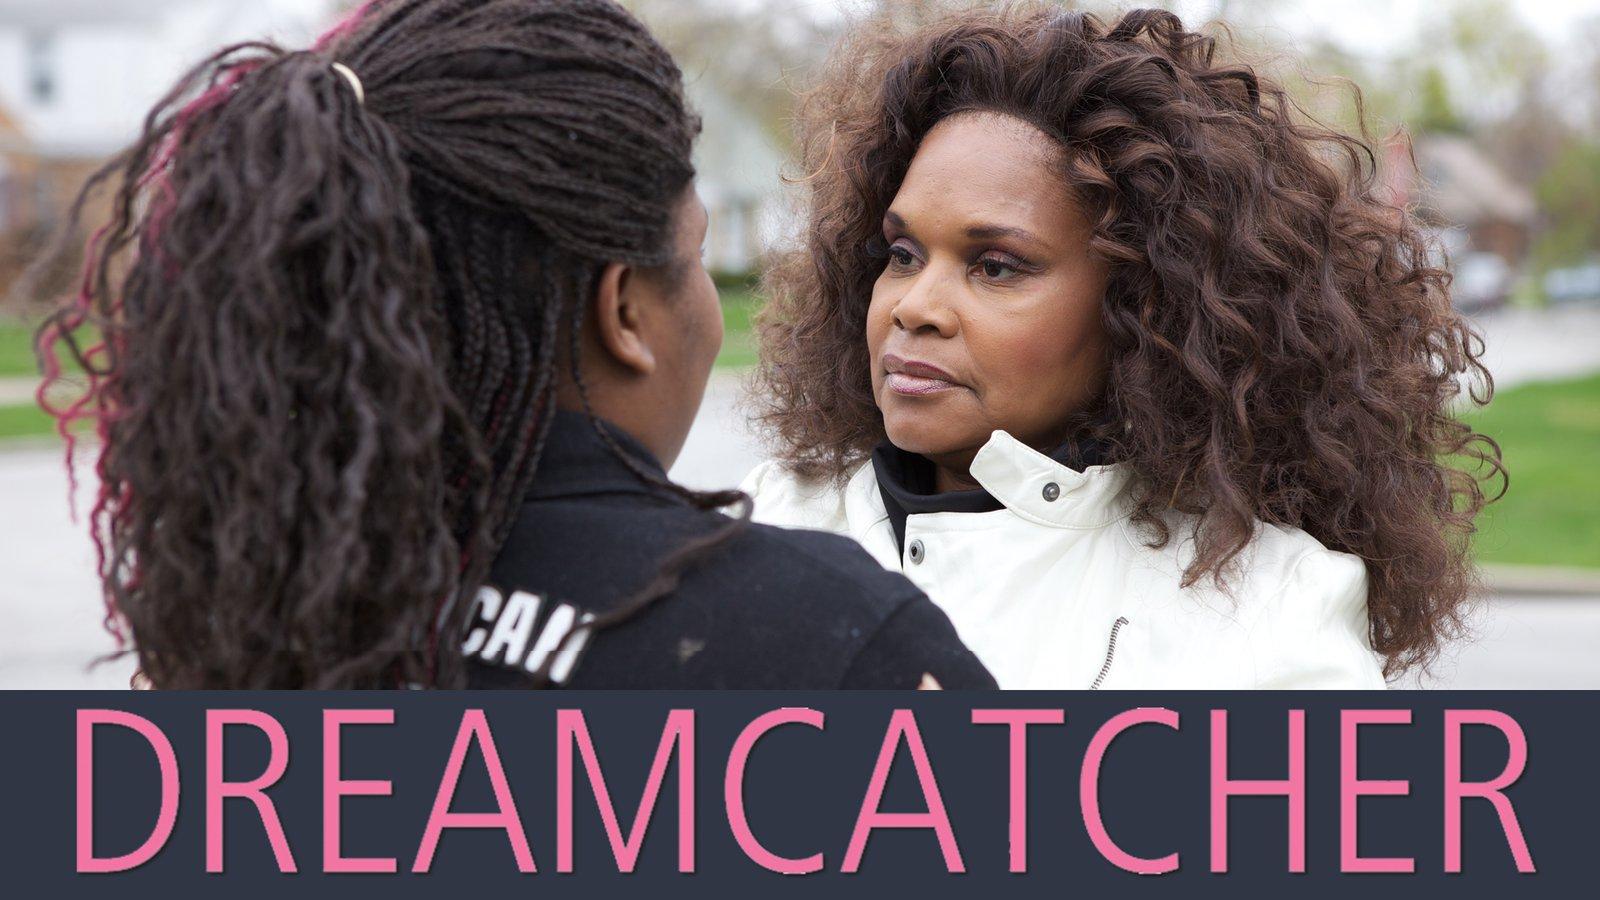 Dreamcatcher - Sex Trafficking & Redemption in Chicago